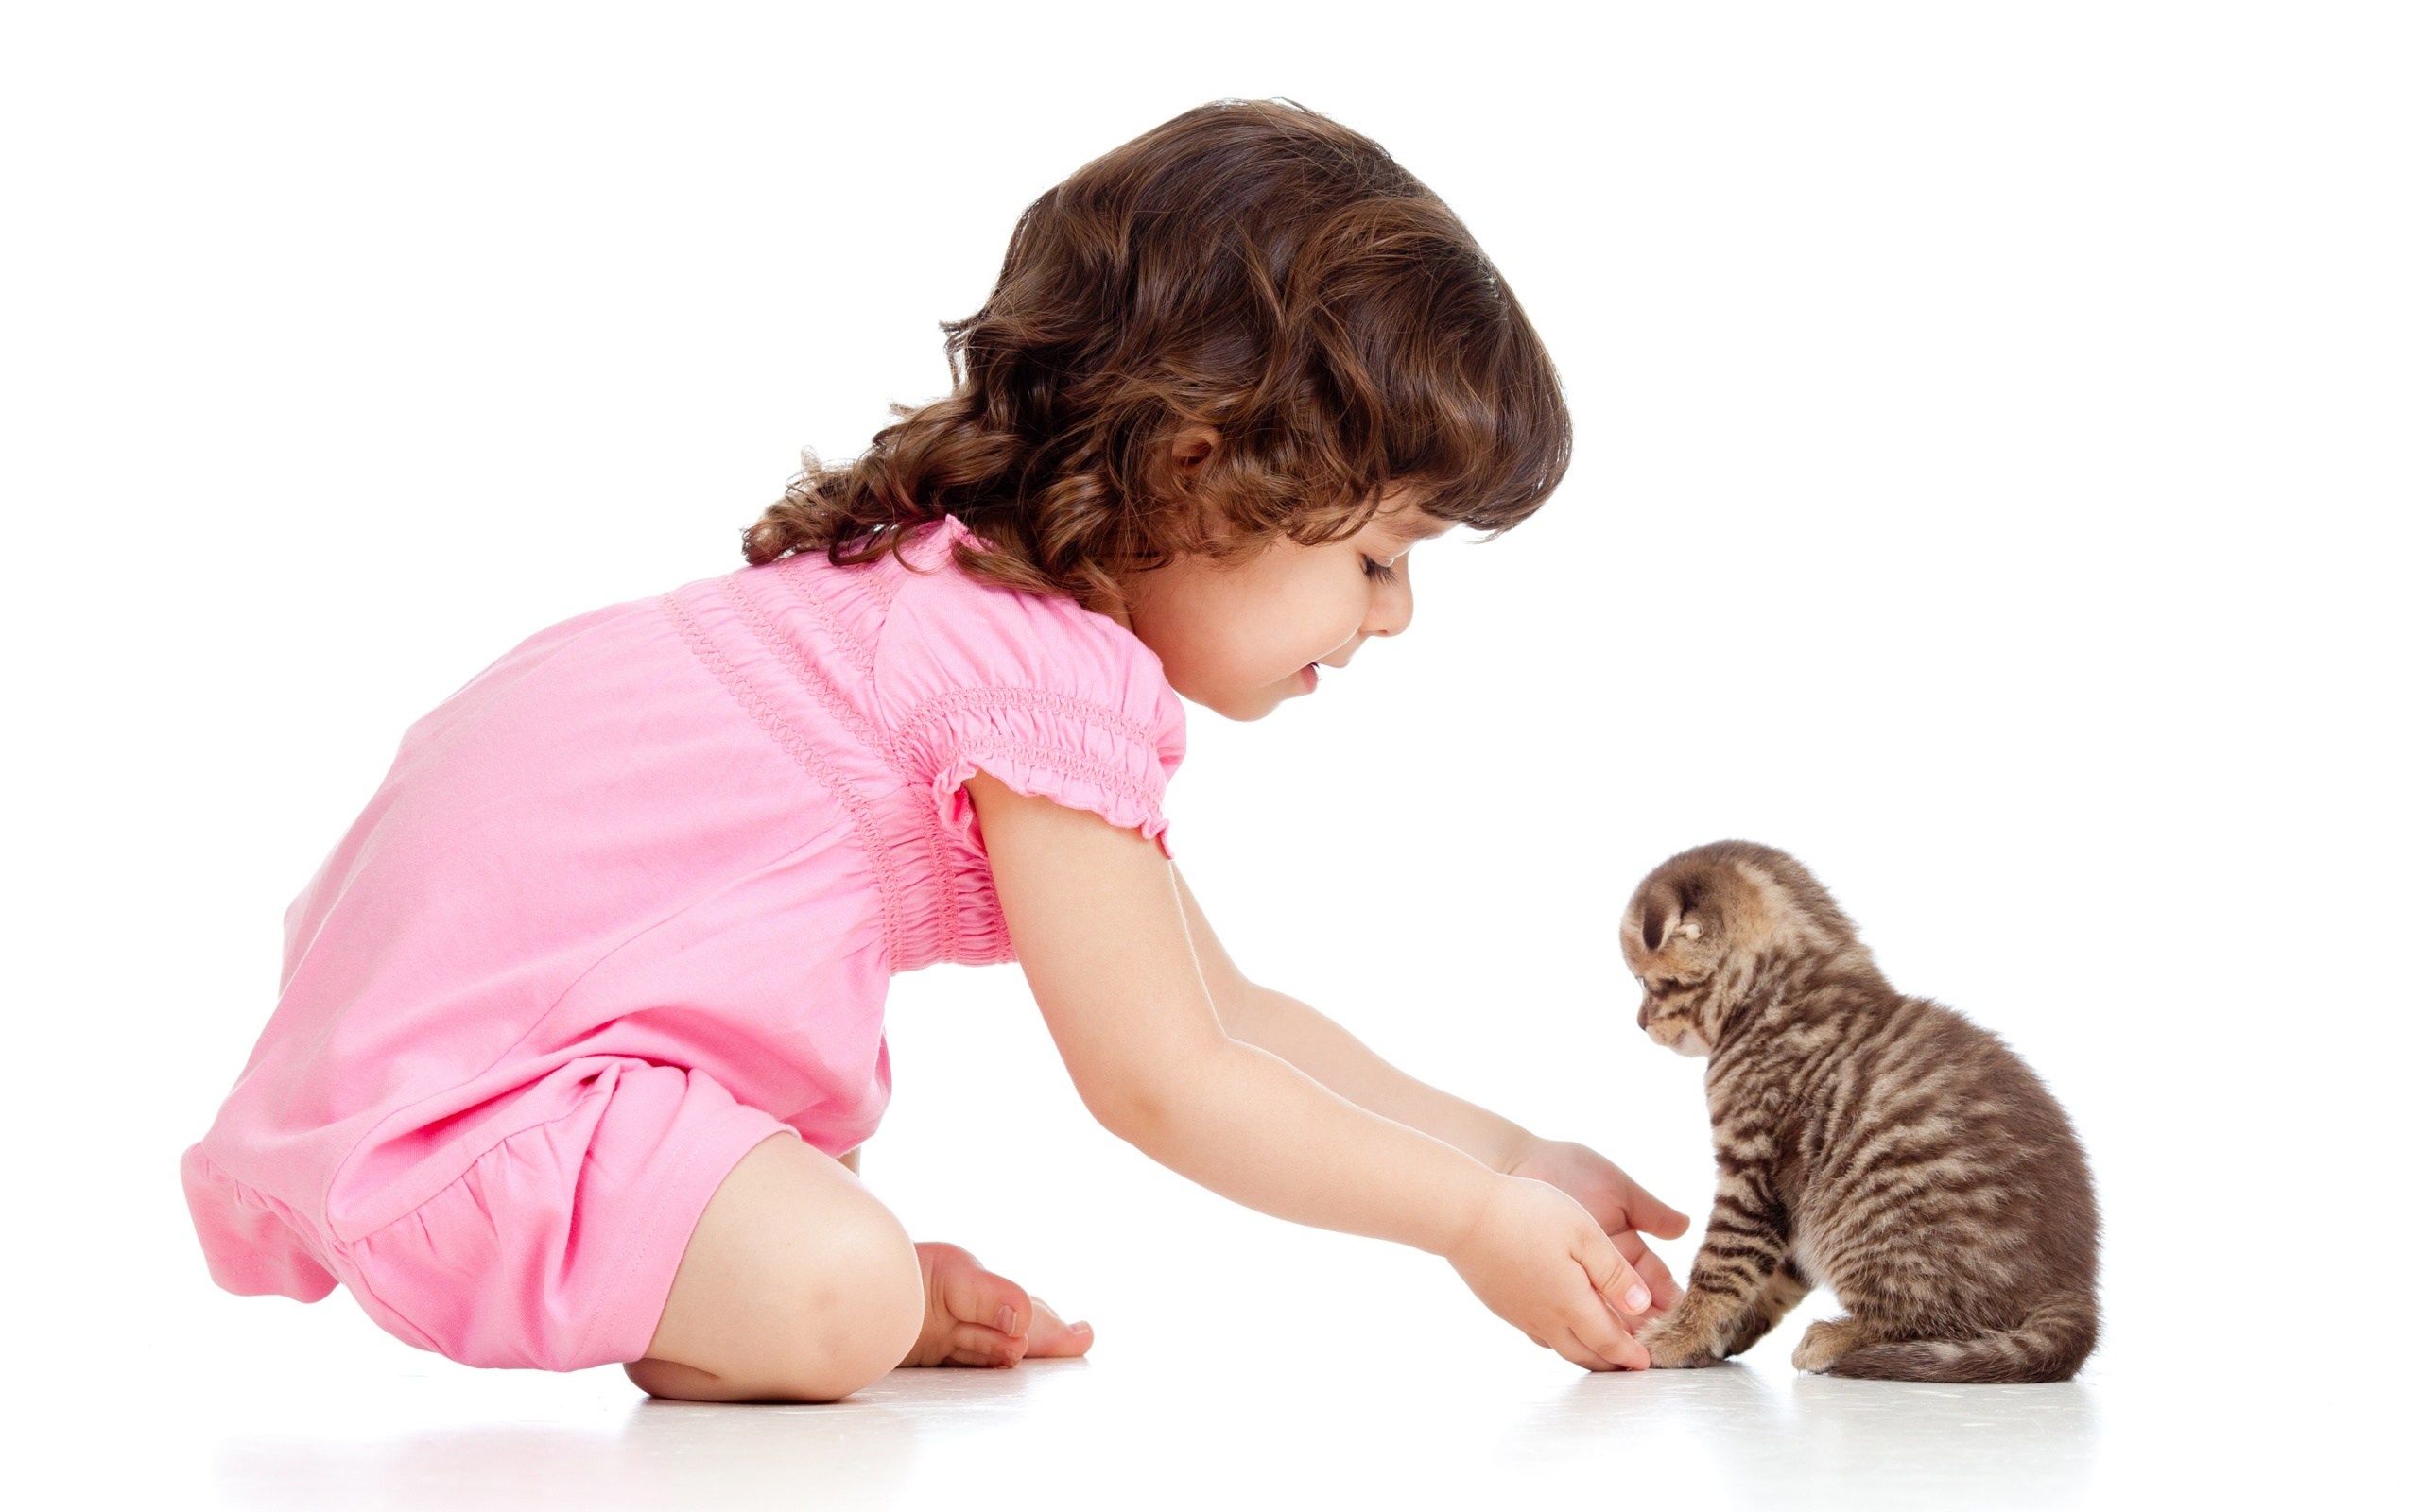 bambina e gatto, regole per una corretta interazione